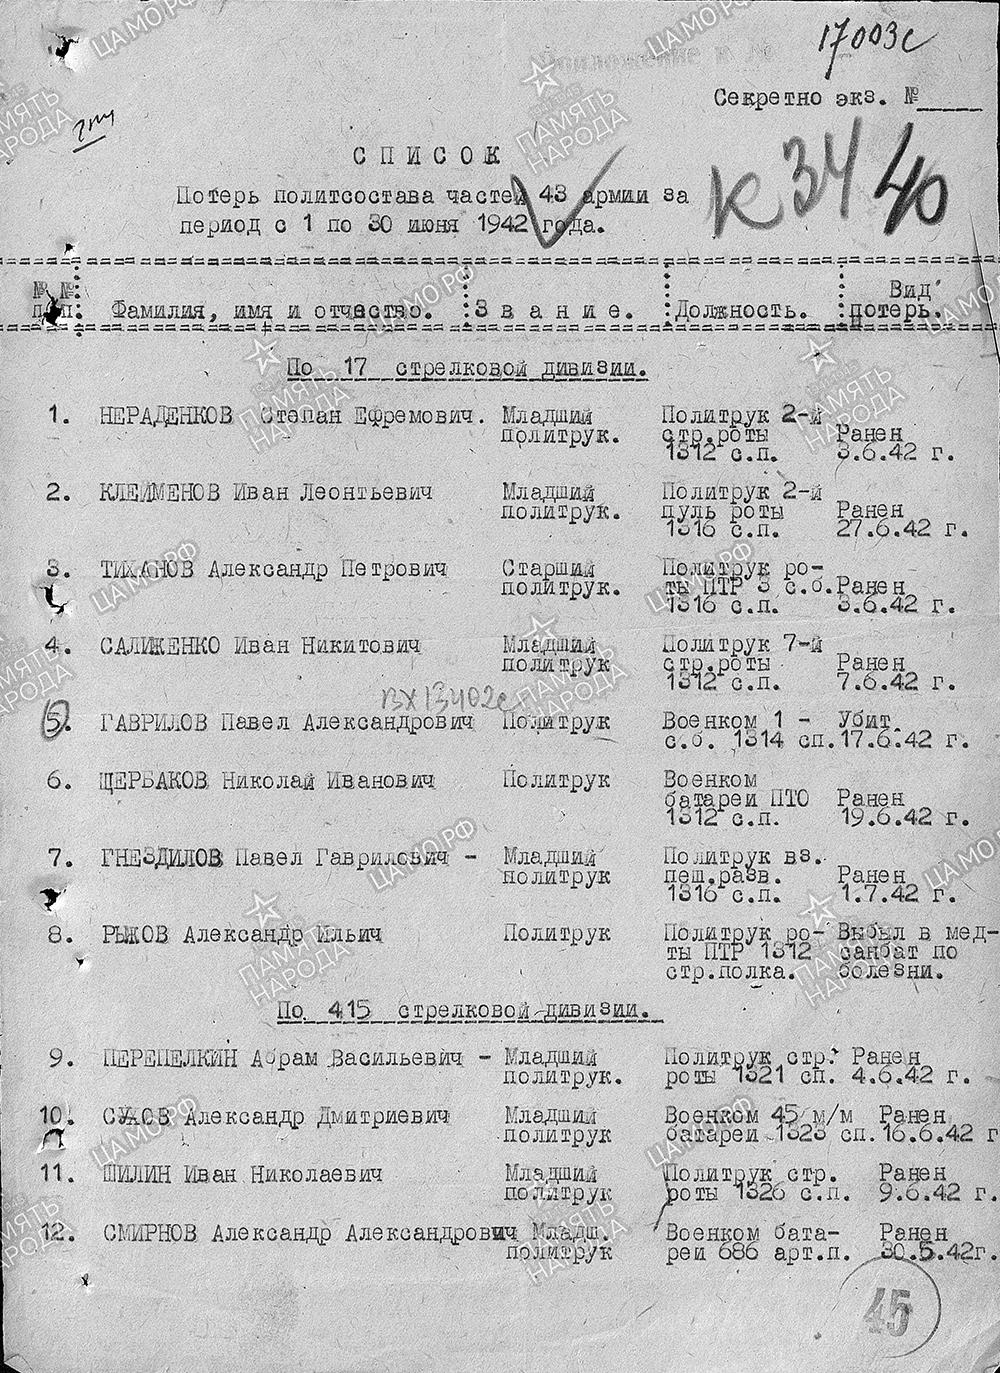 Саліженко Іван Микитович